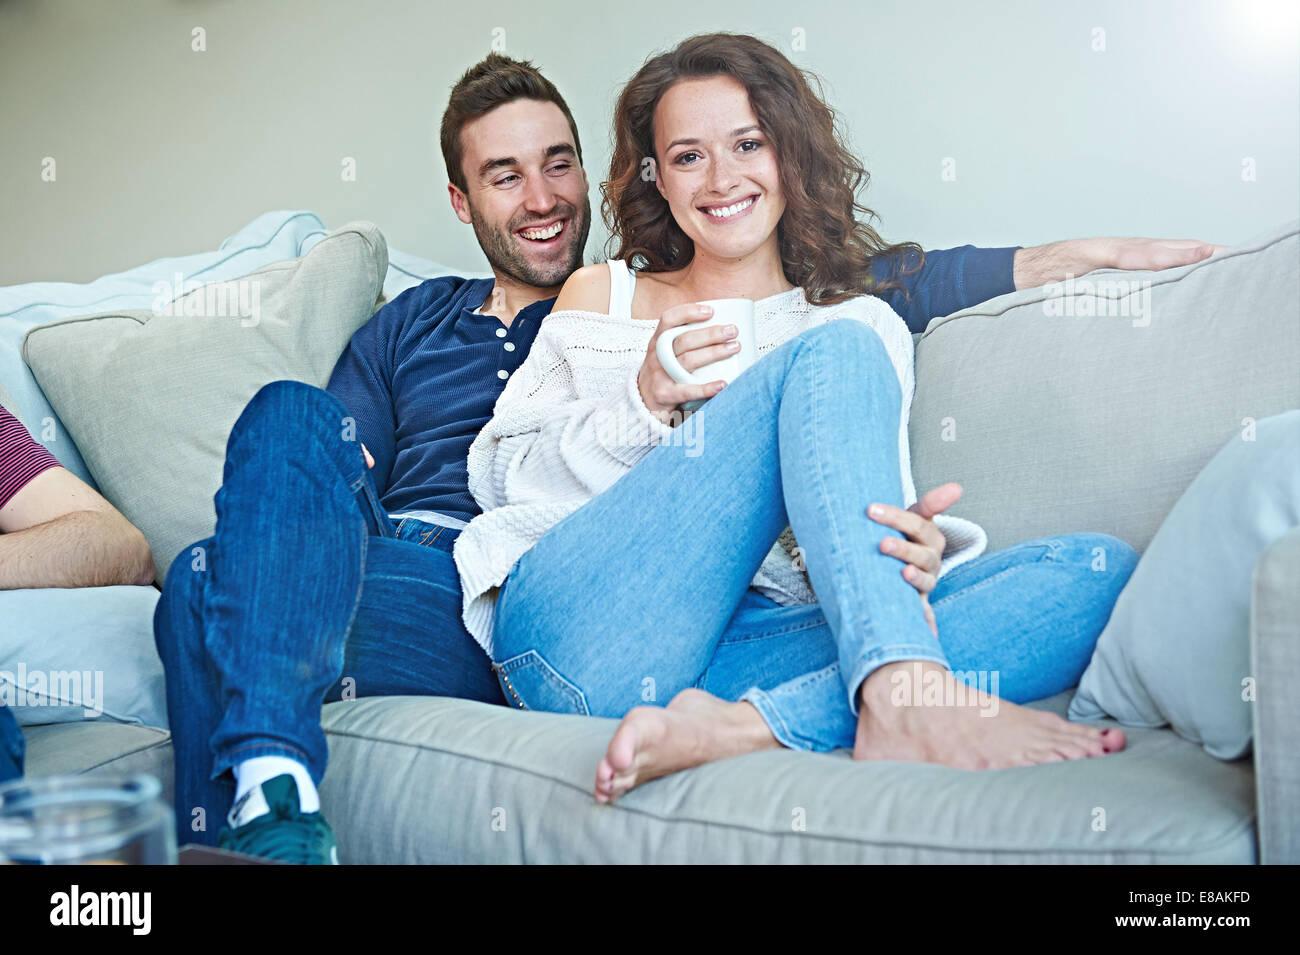 Par escalofriante en el sofá Foto de stock